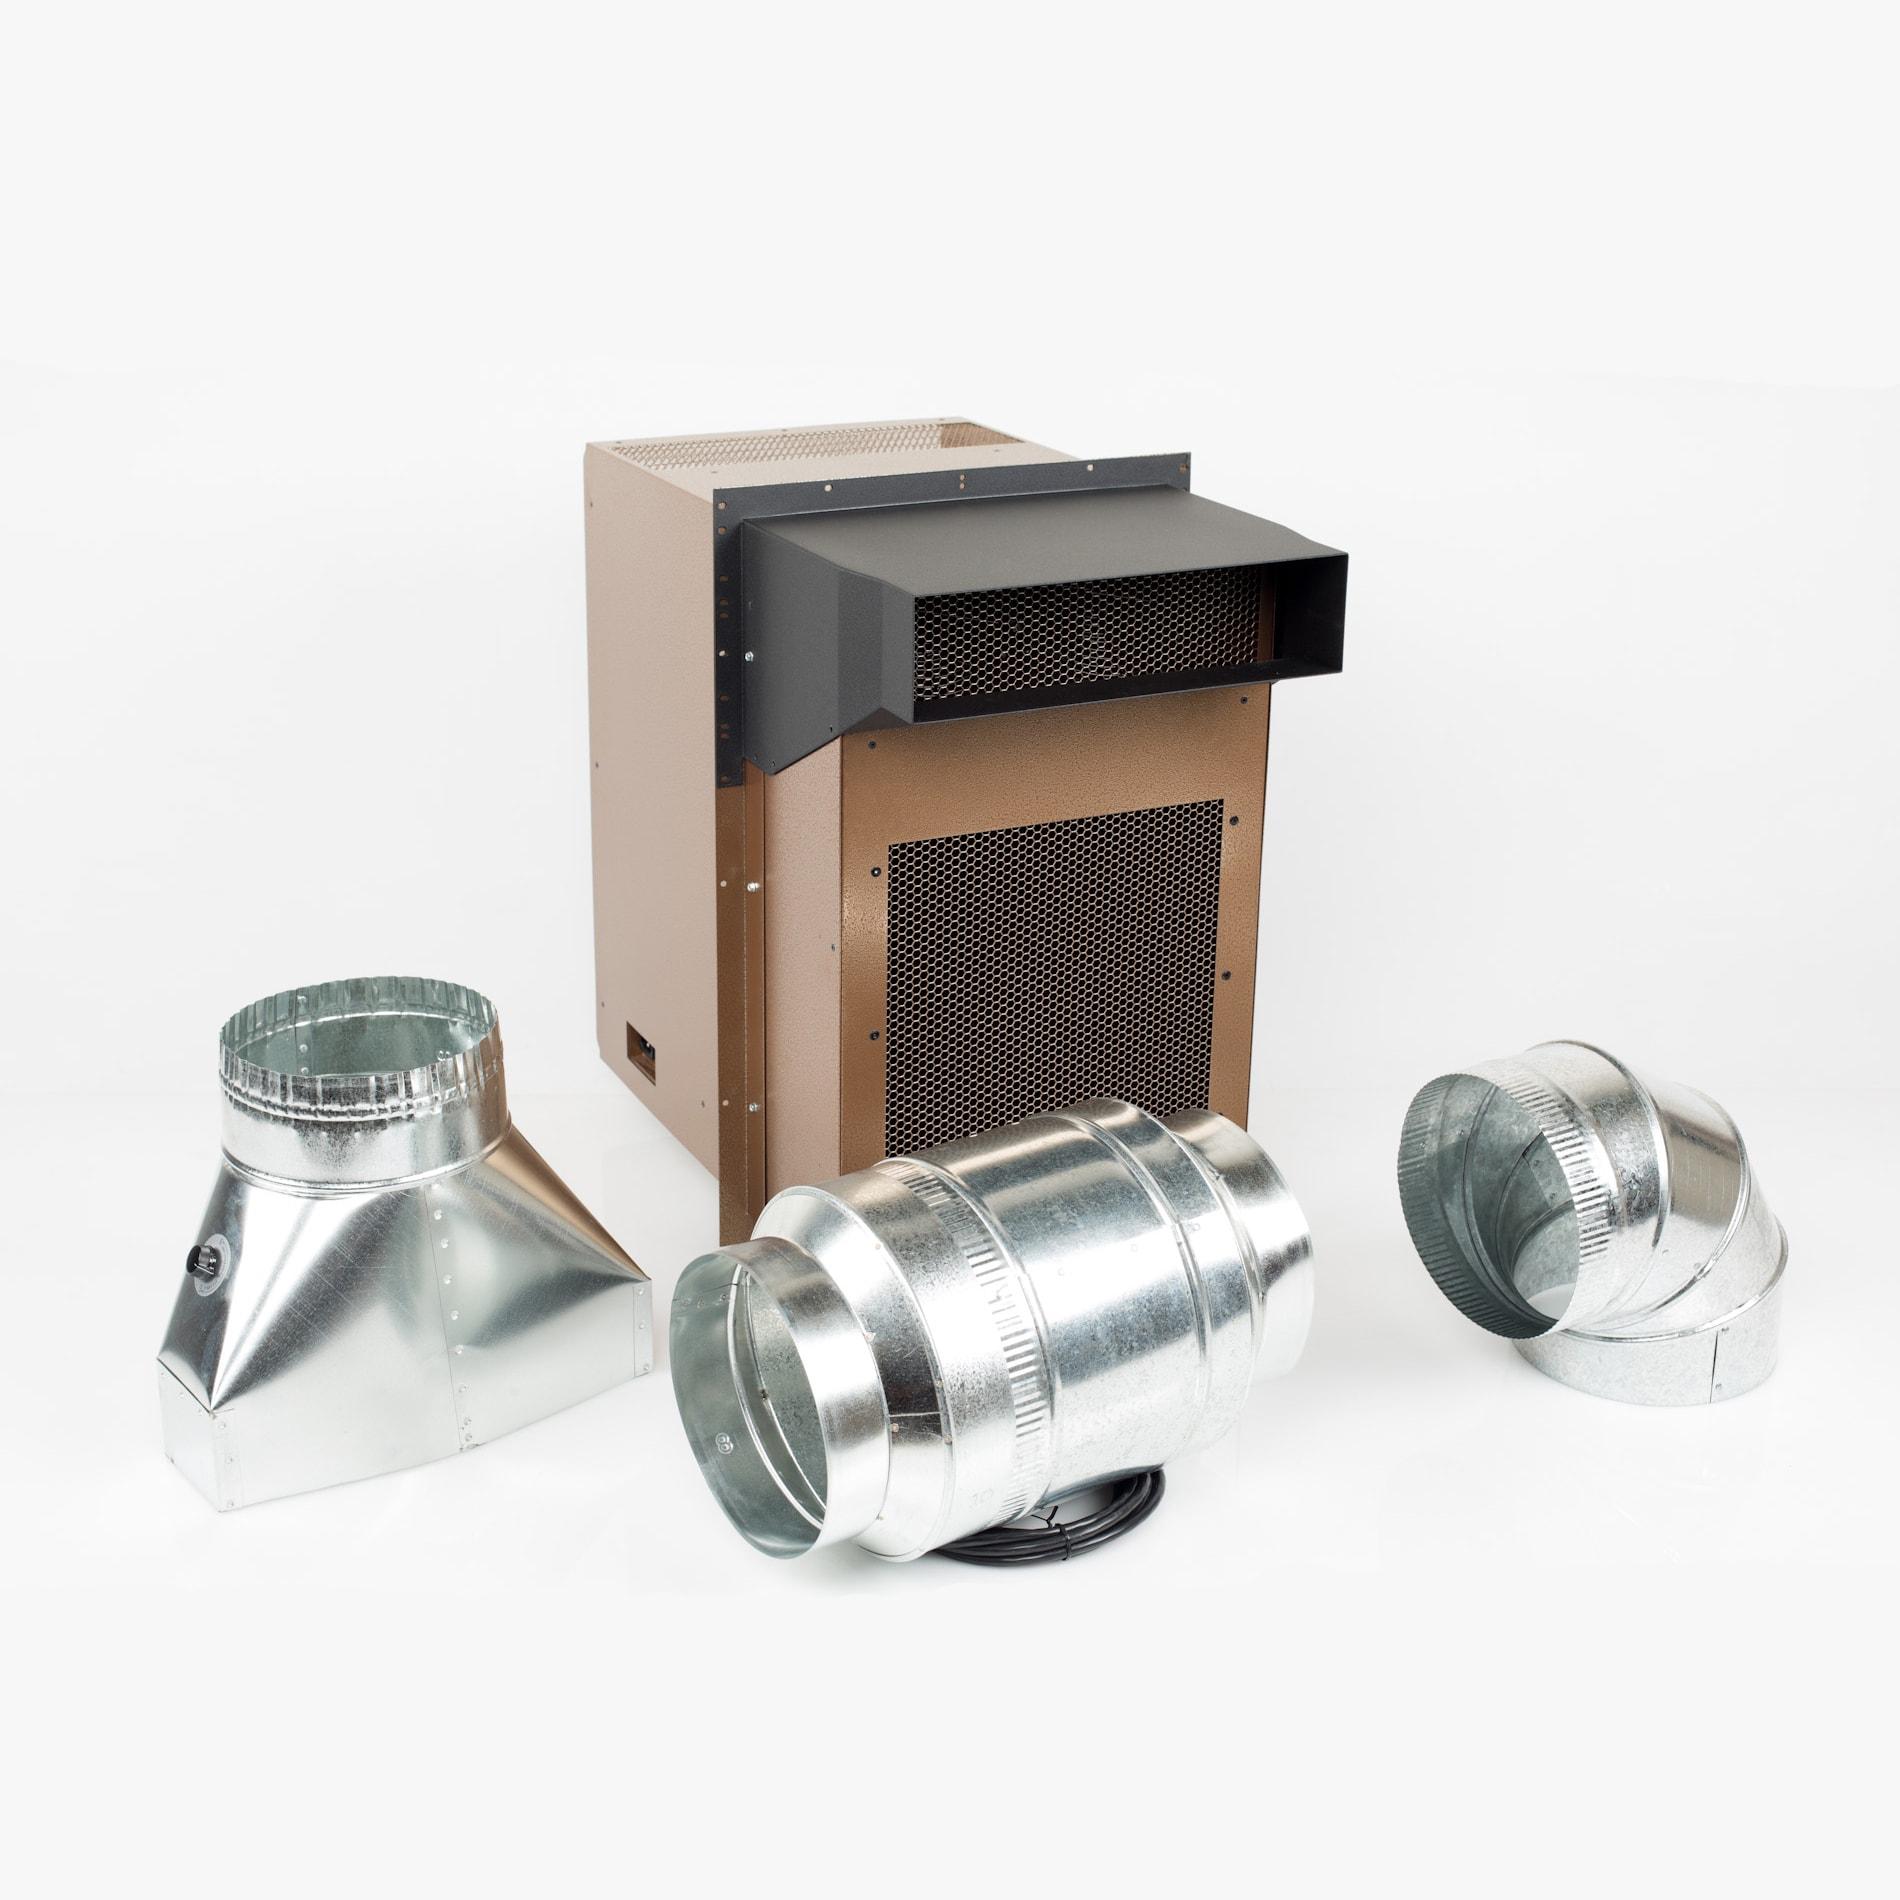 Ducting Kit (Large)